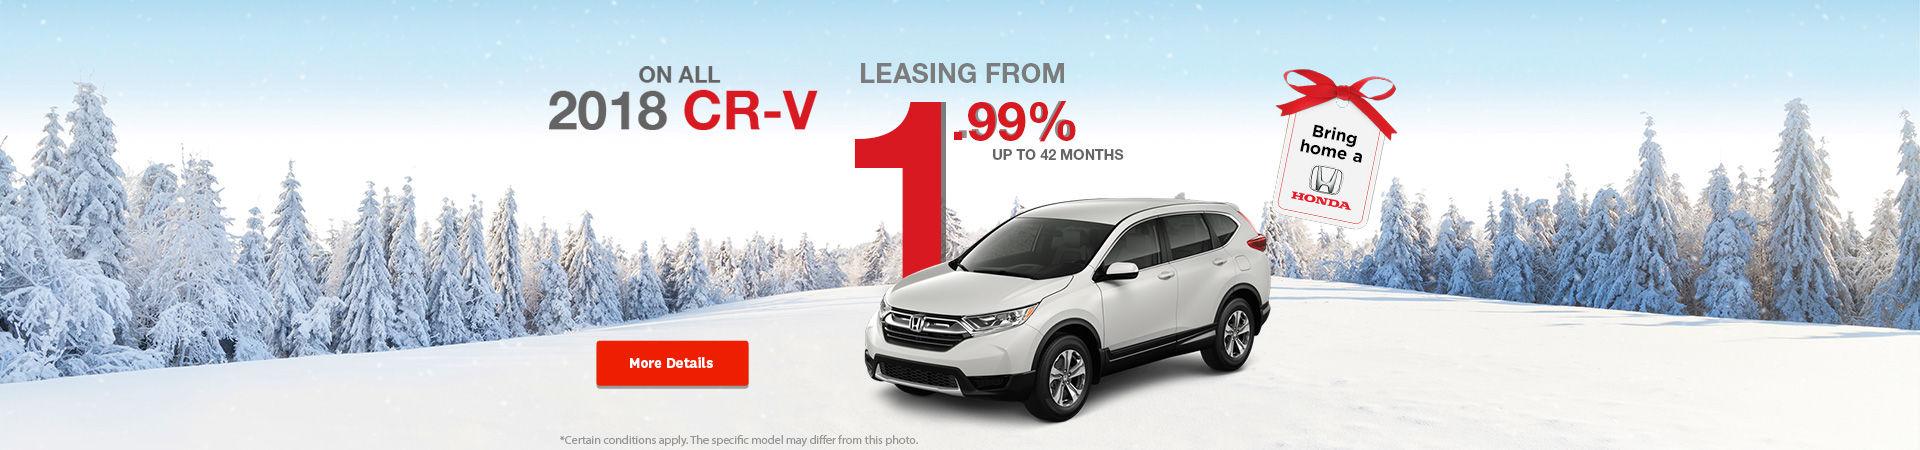 Honda CRV - Headers